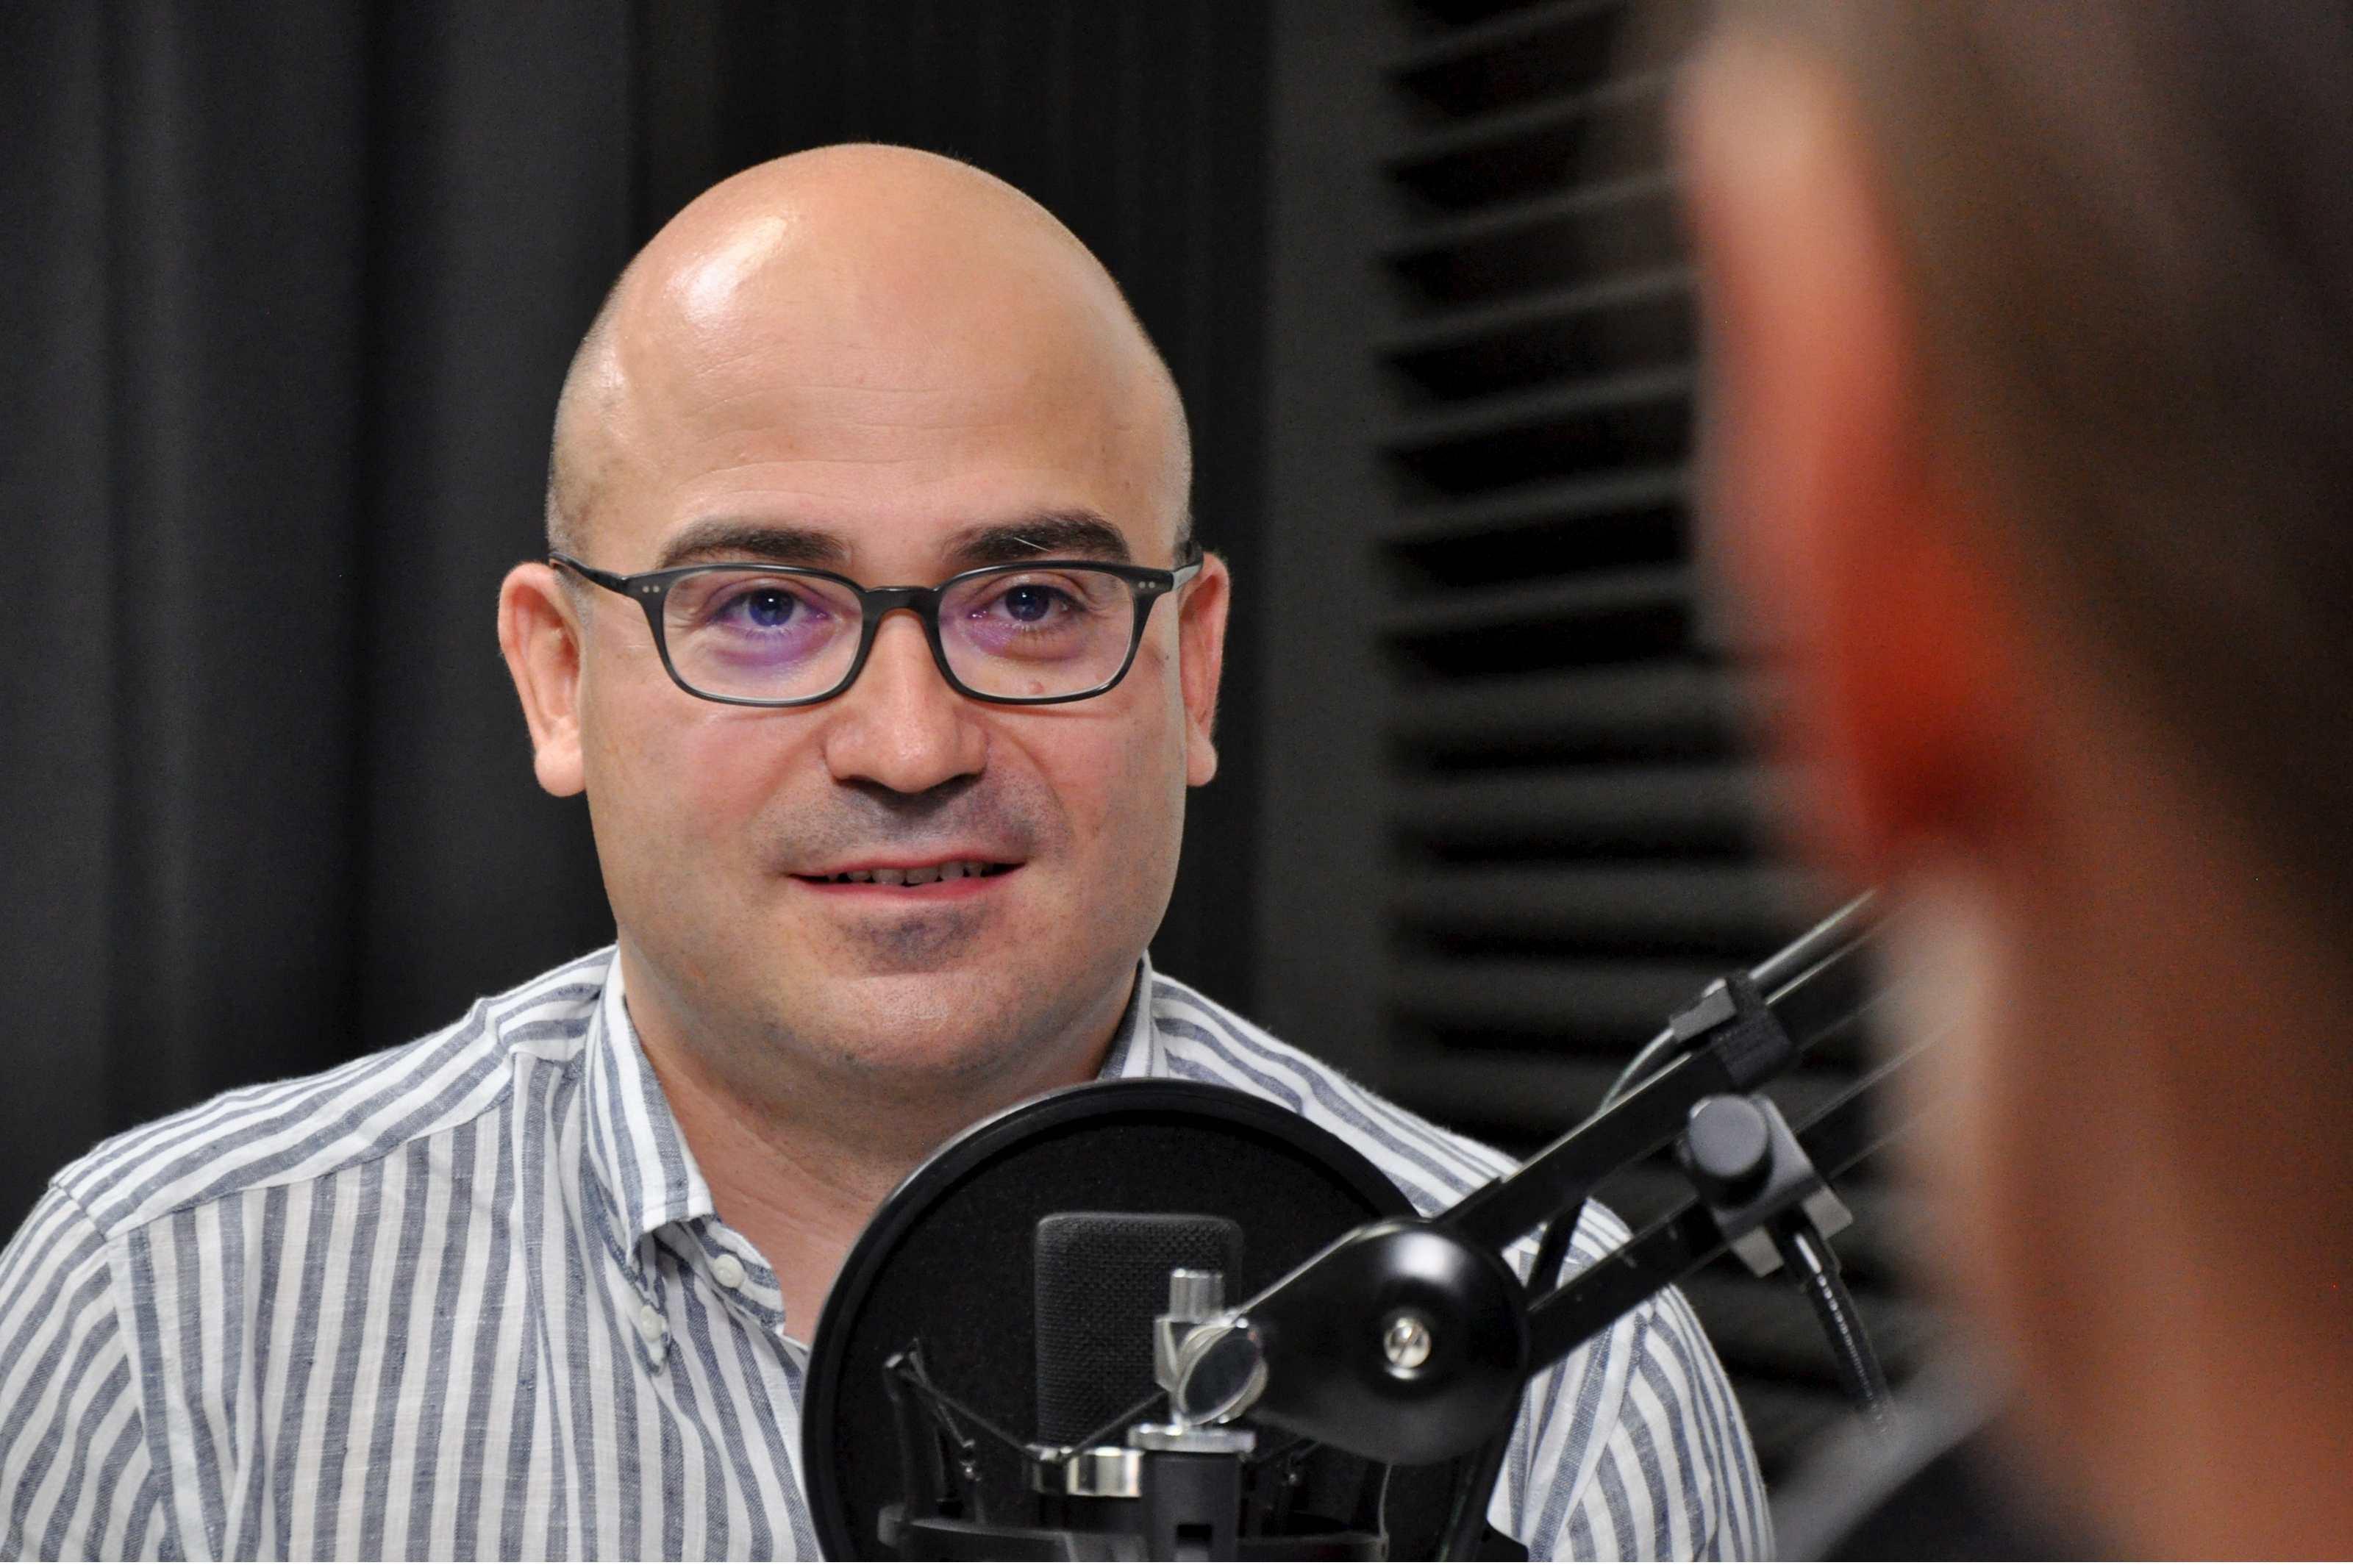 Gorjan Lazarov (Orea Hotels & Resorts): Po nástupu jsem zrušil veškeré směrnice a dal jsem lidem důvěru